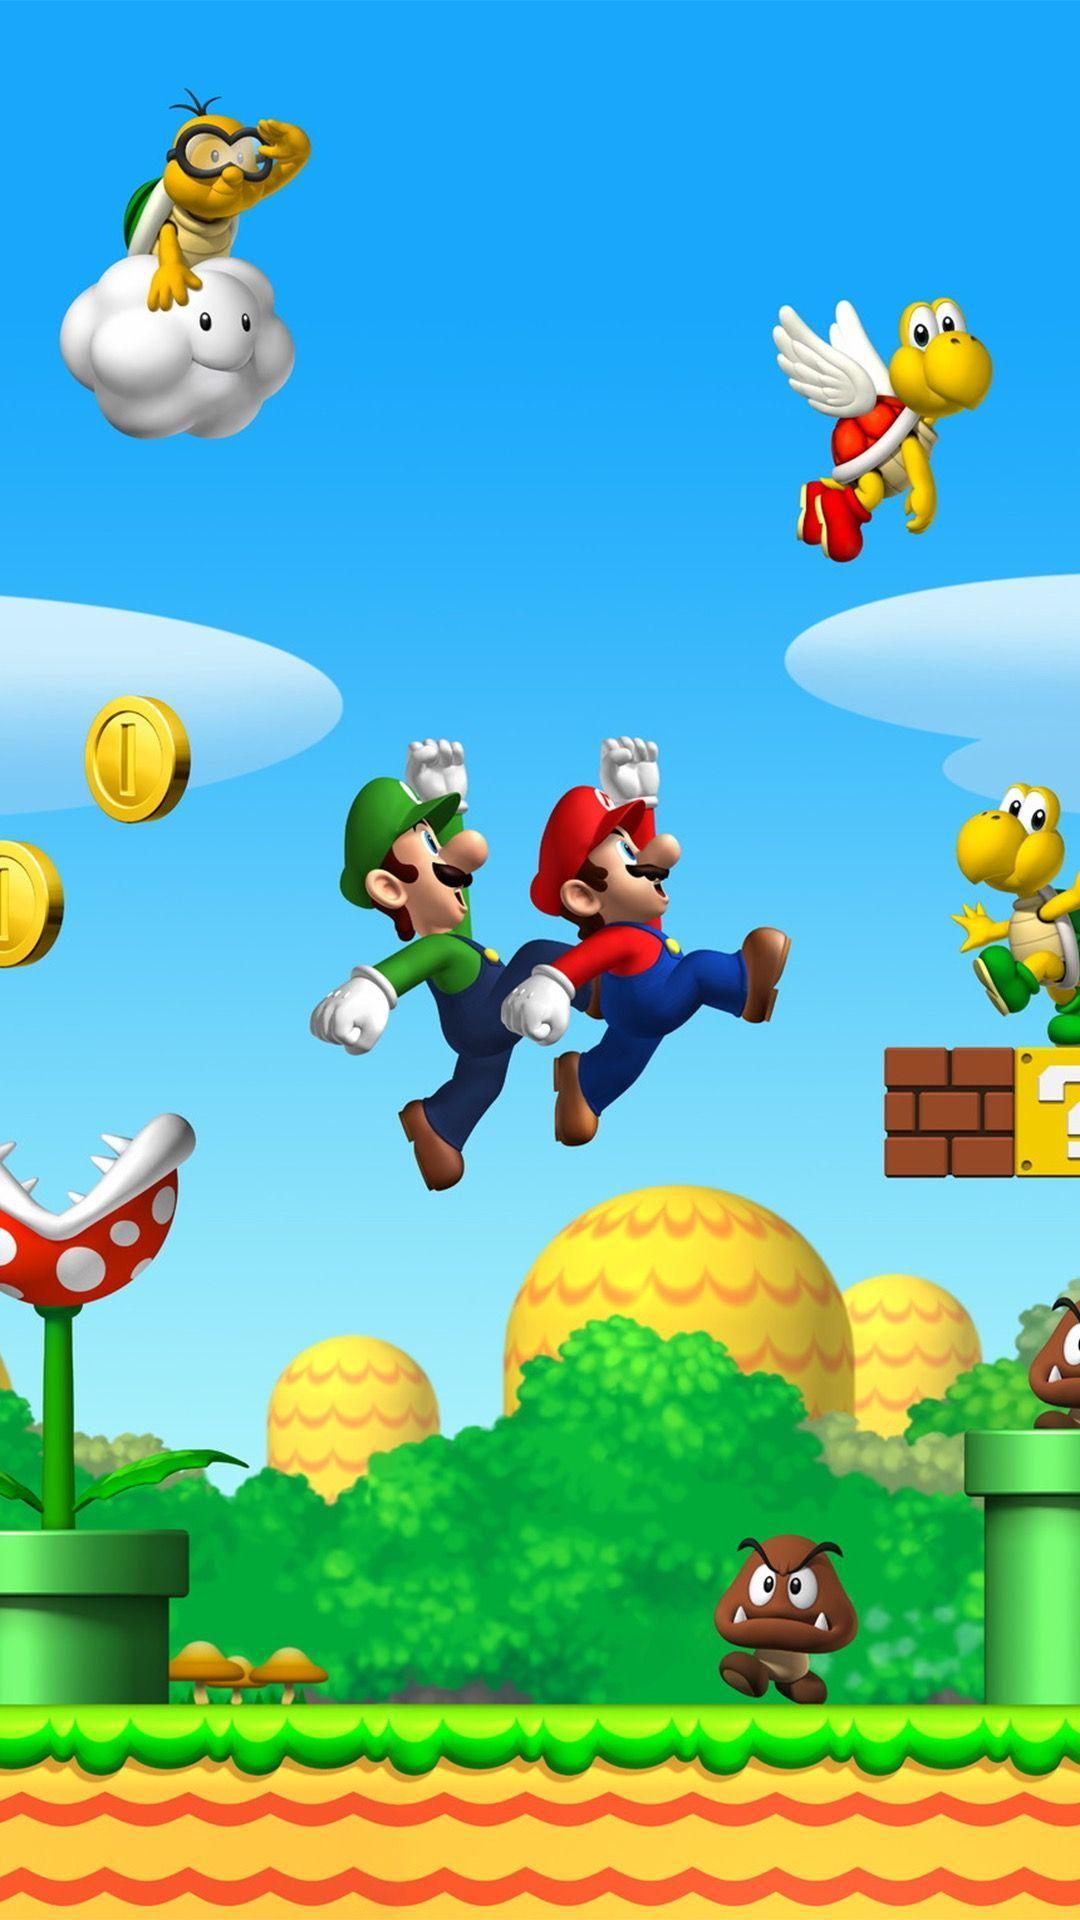 8 Bit Mario Iphone Background 8 Bit Mario Iphone Background Wallpaper In 2020 Super Mario Art Mario Mario And Luigi